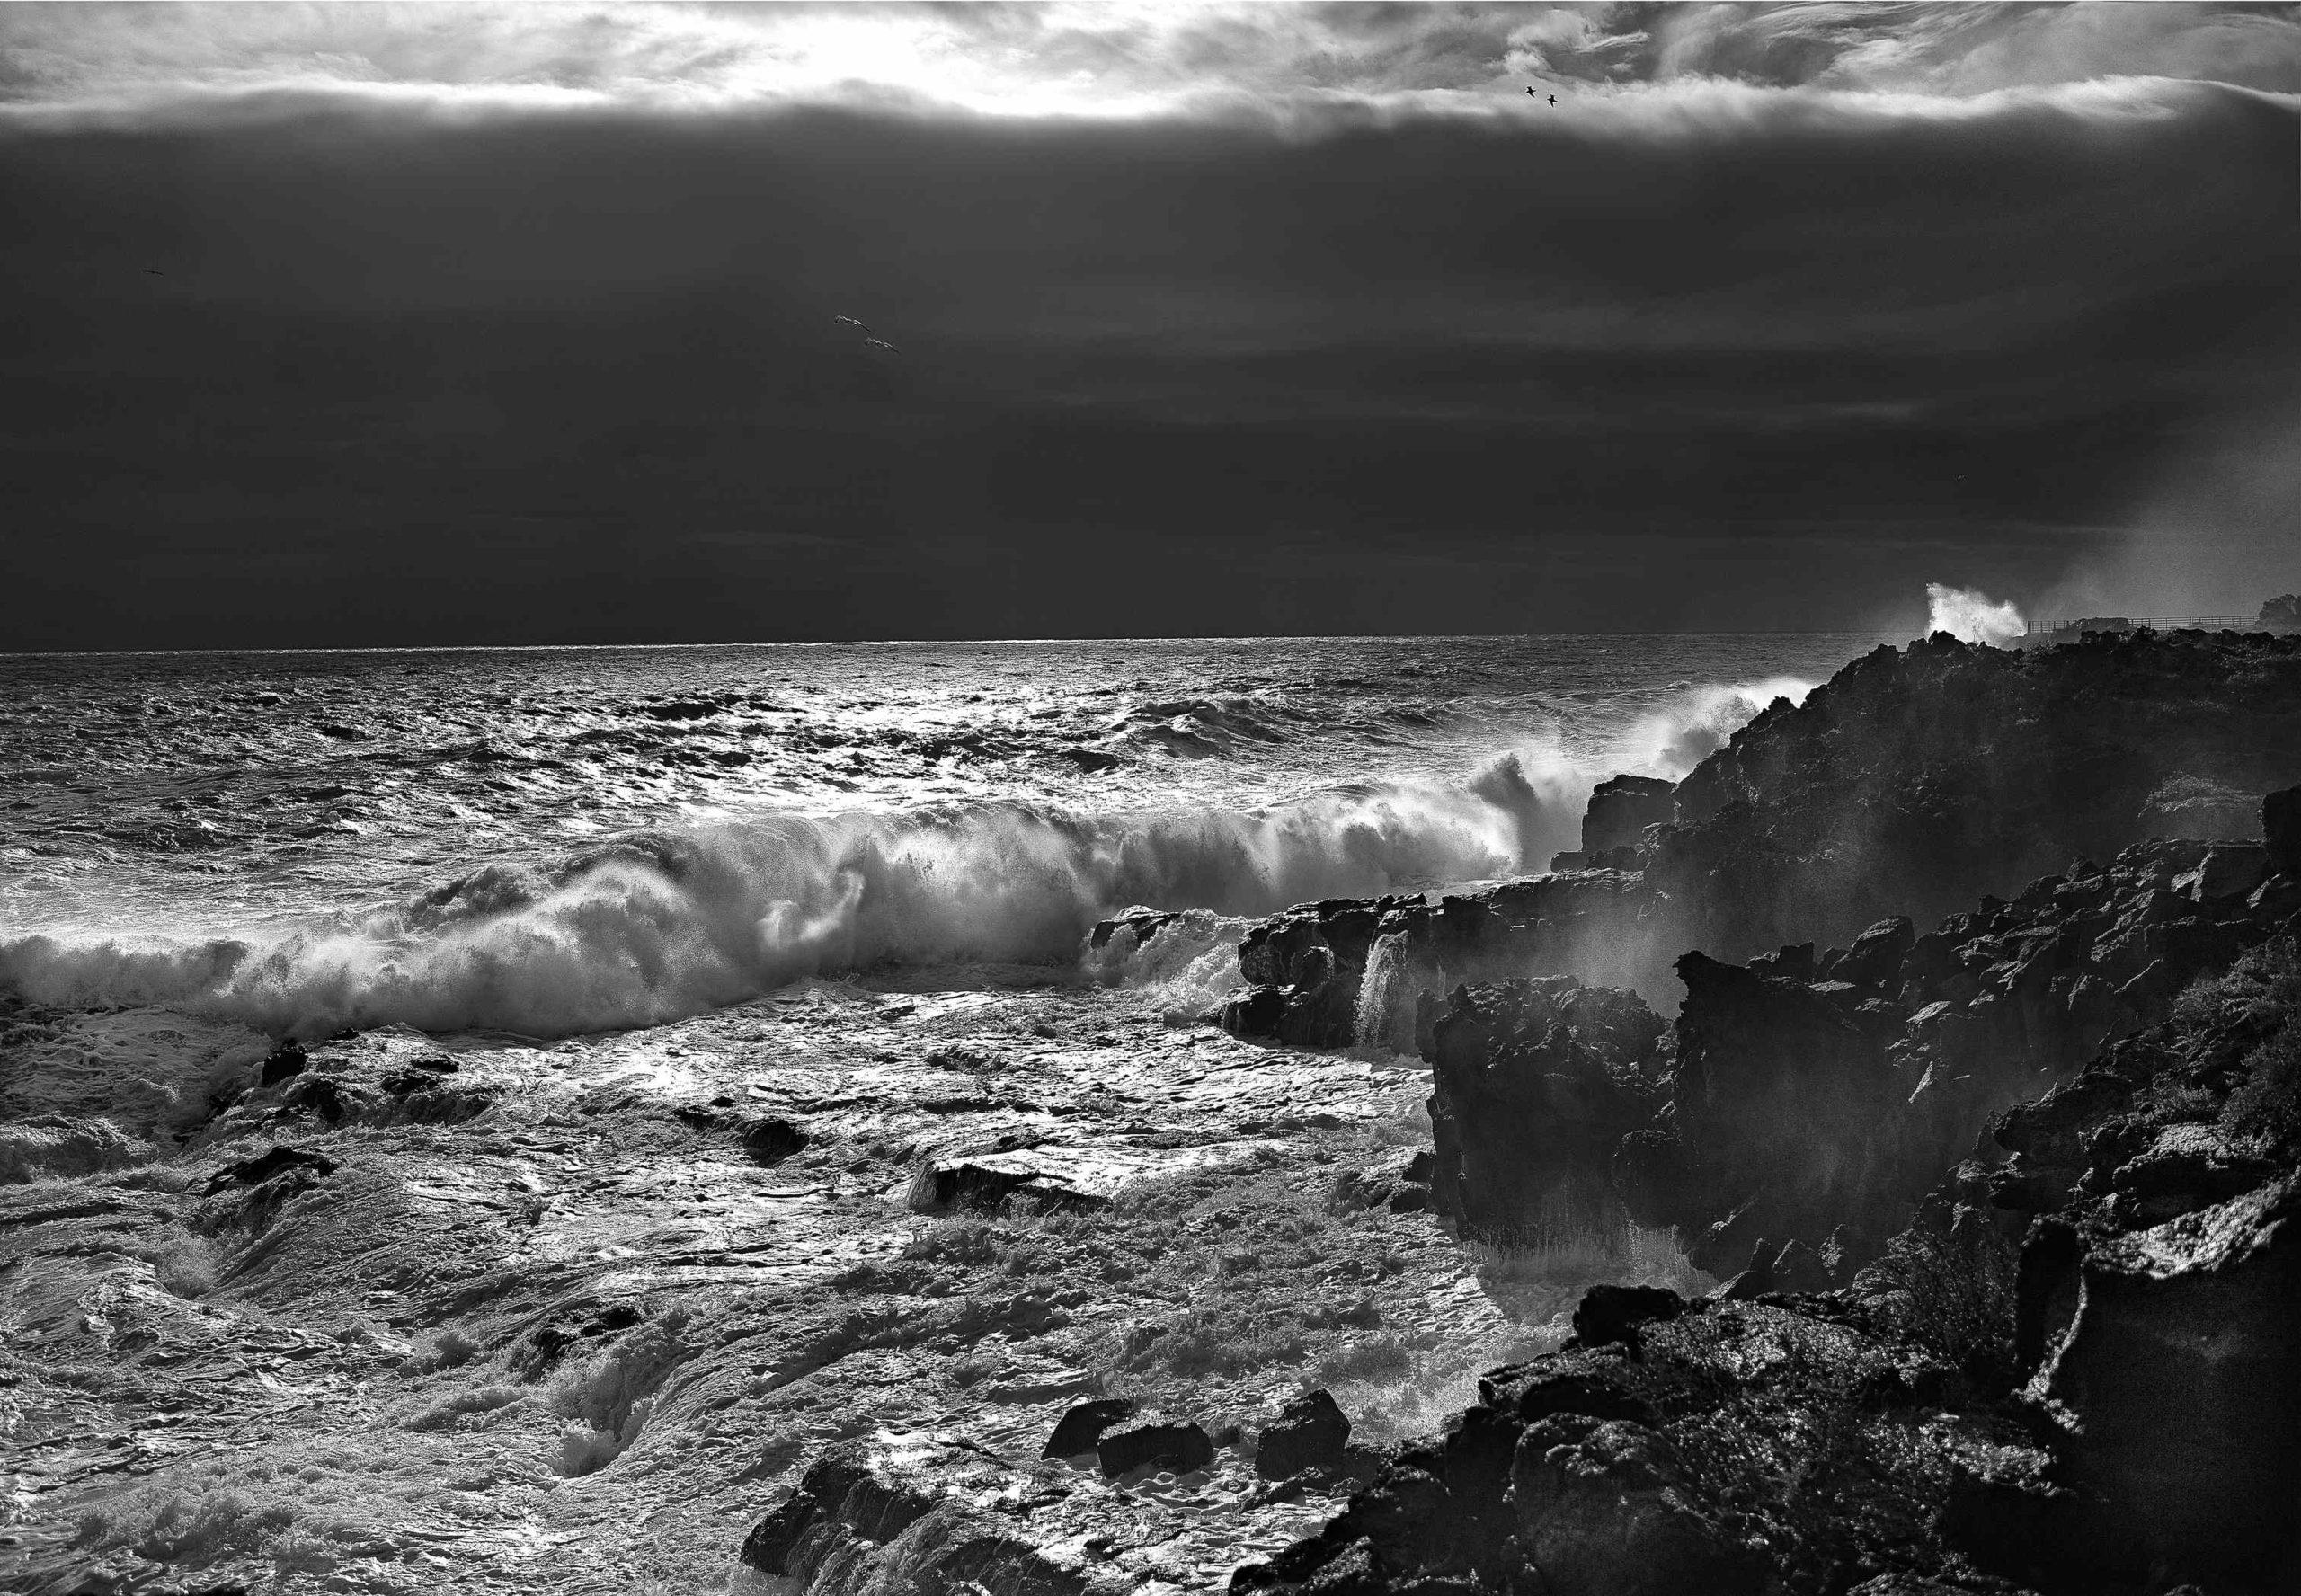 giovanni_ruggeri_fotografo_catania_sicily_landscape_3